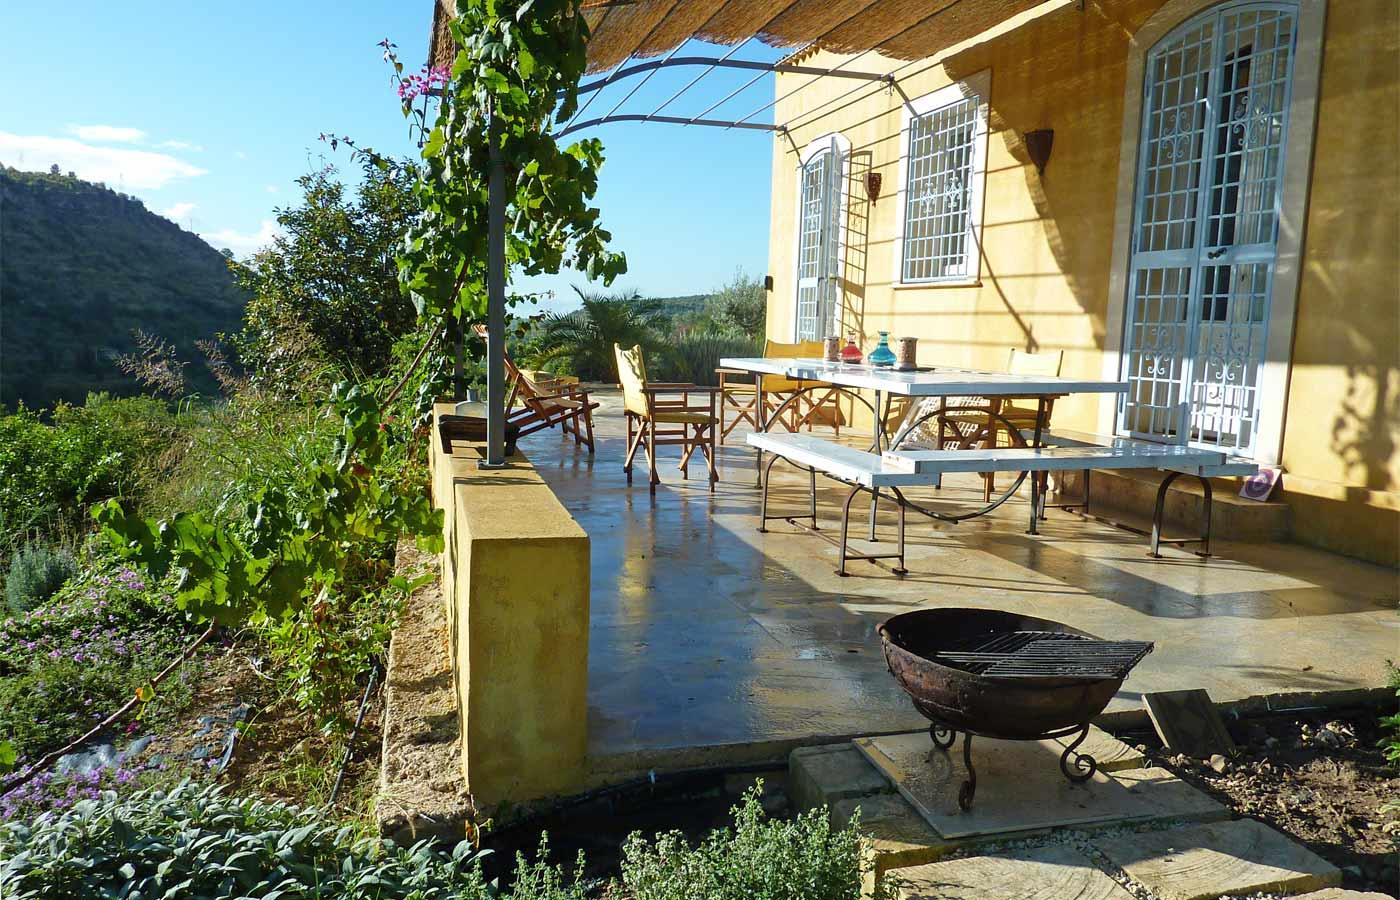 Mediterranean garden design for rural garden in sicily - Mediterranean terrace design ideas ...